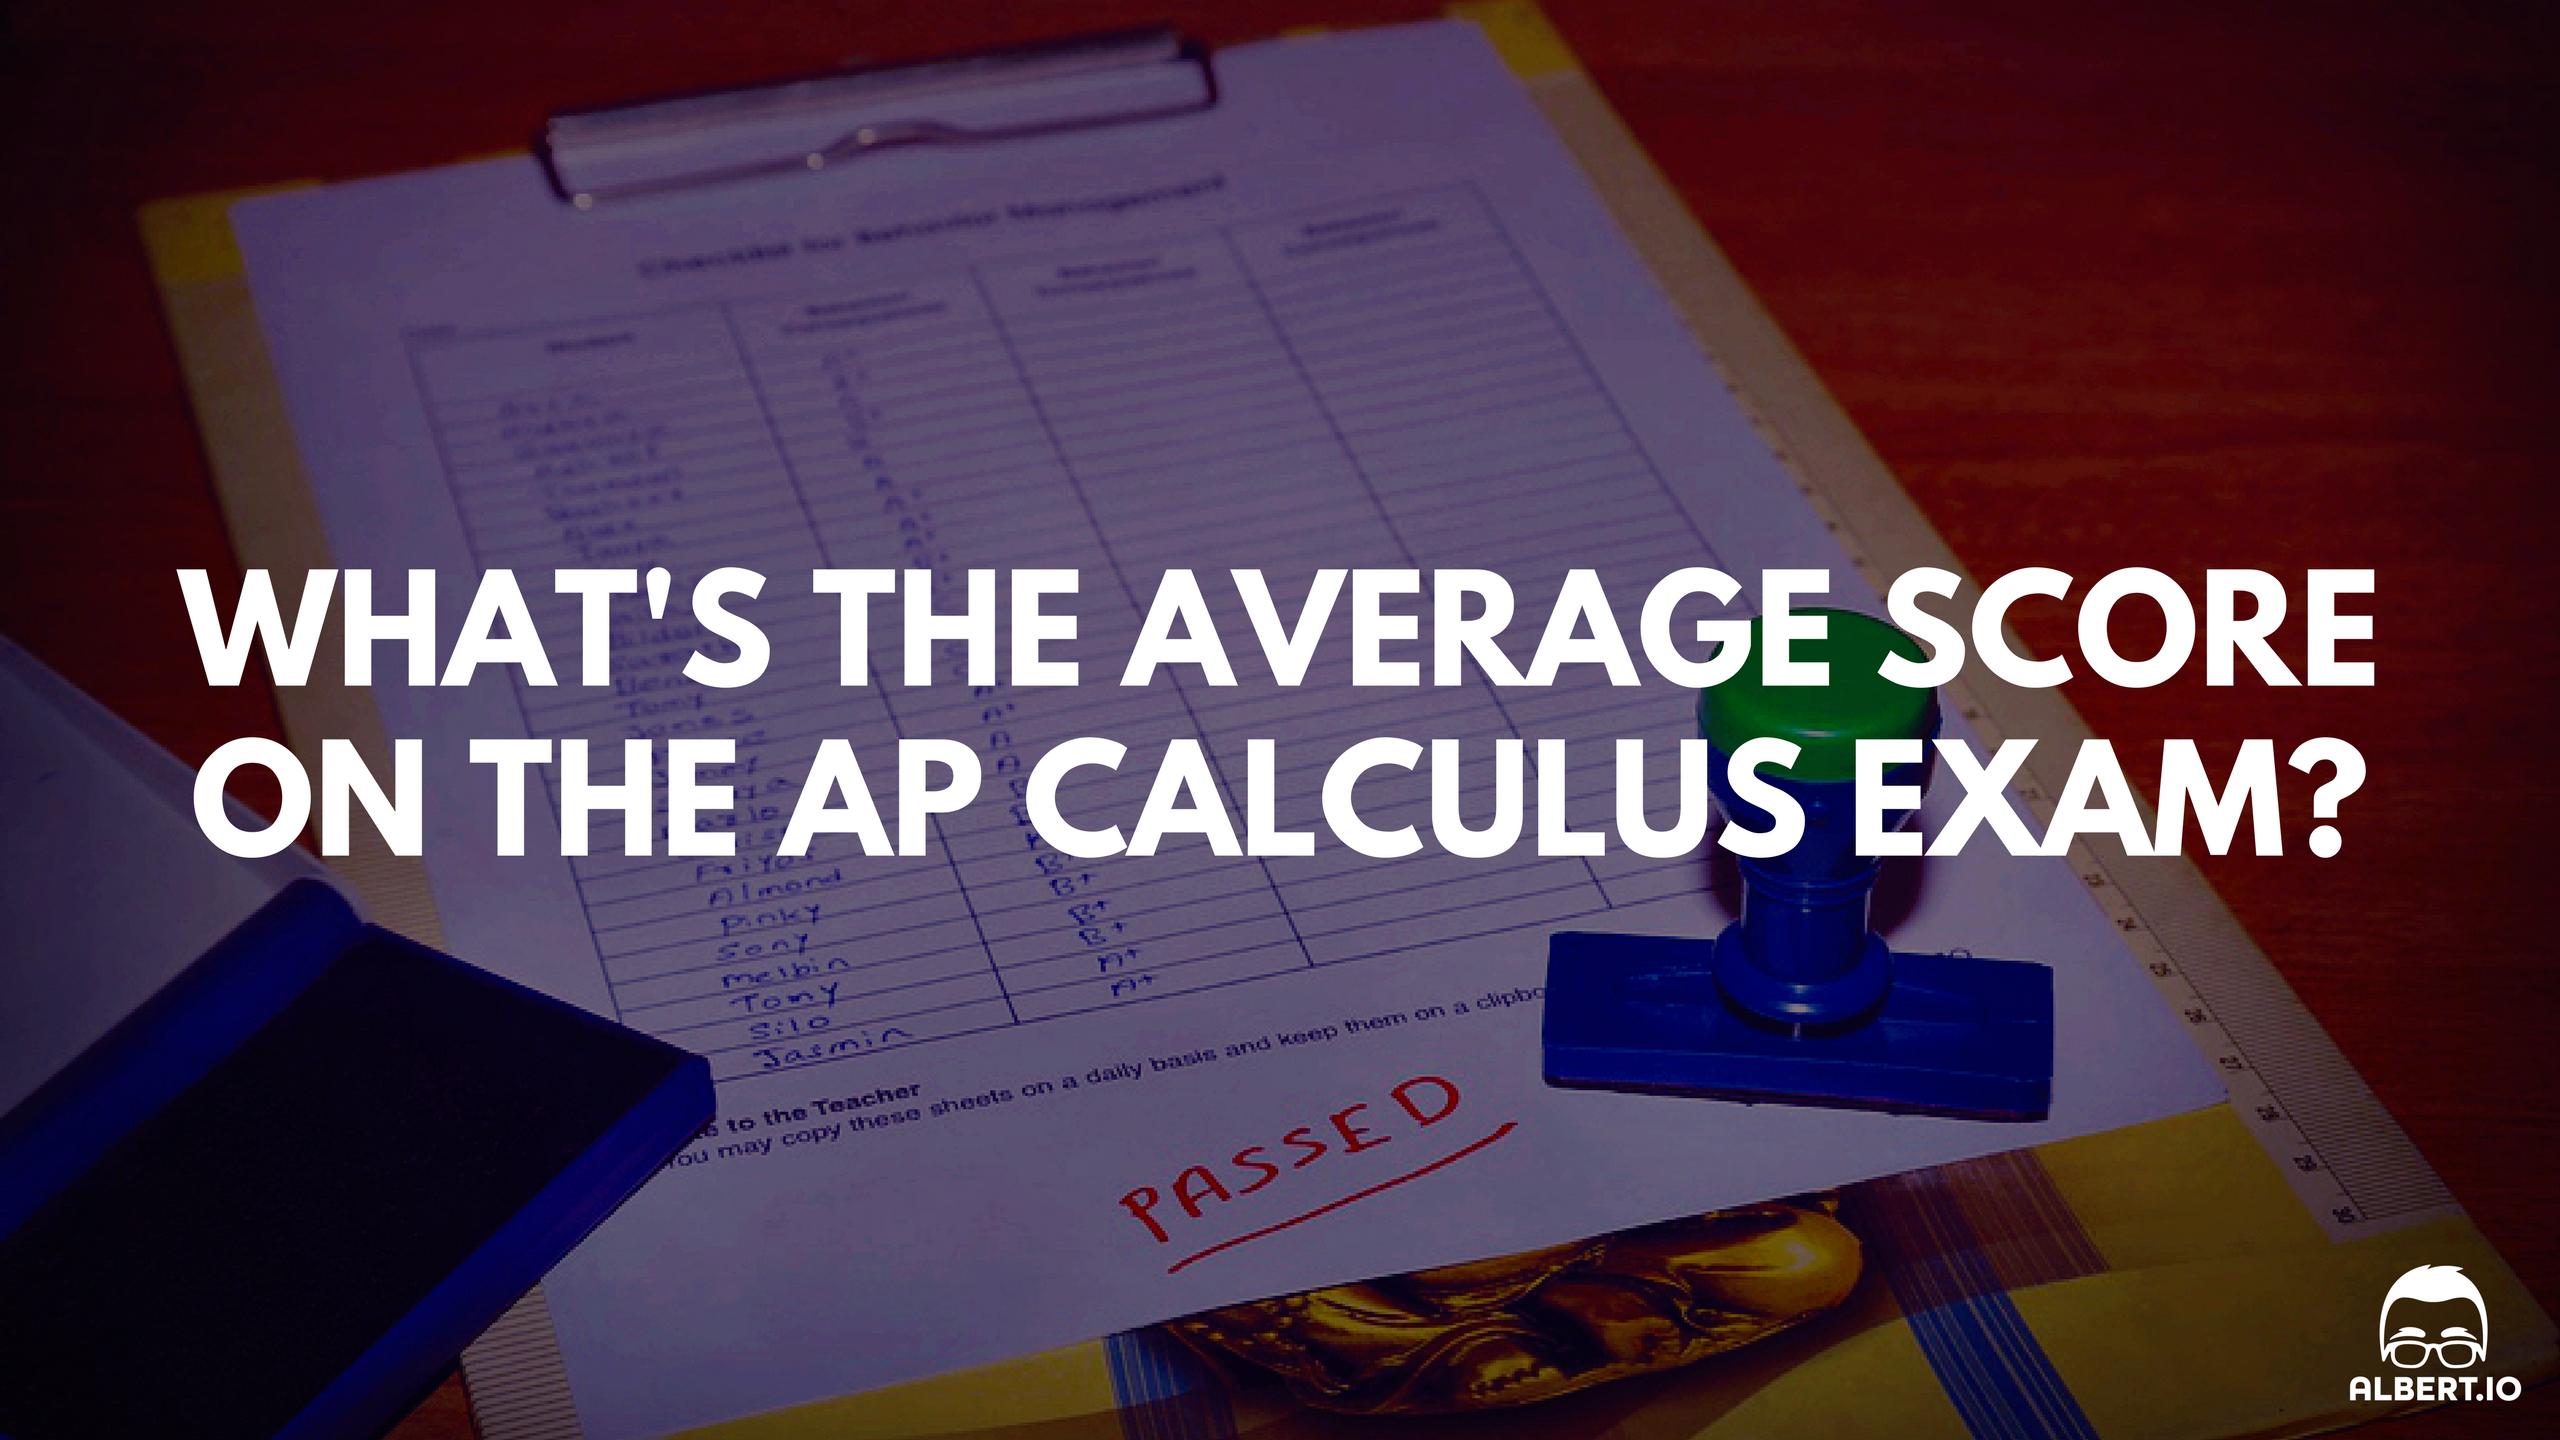 Average AP Calculus Score